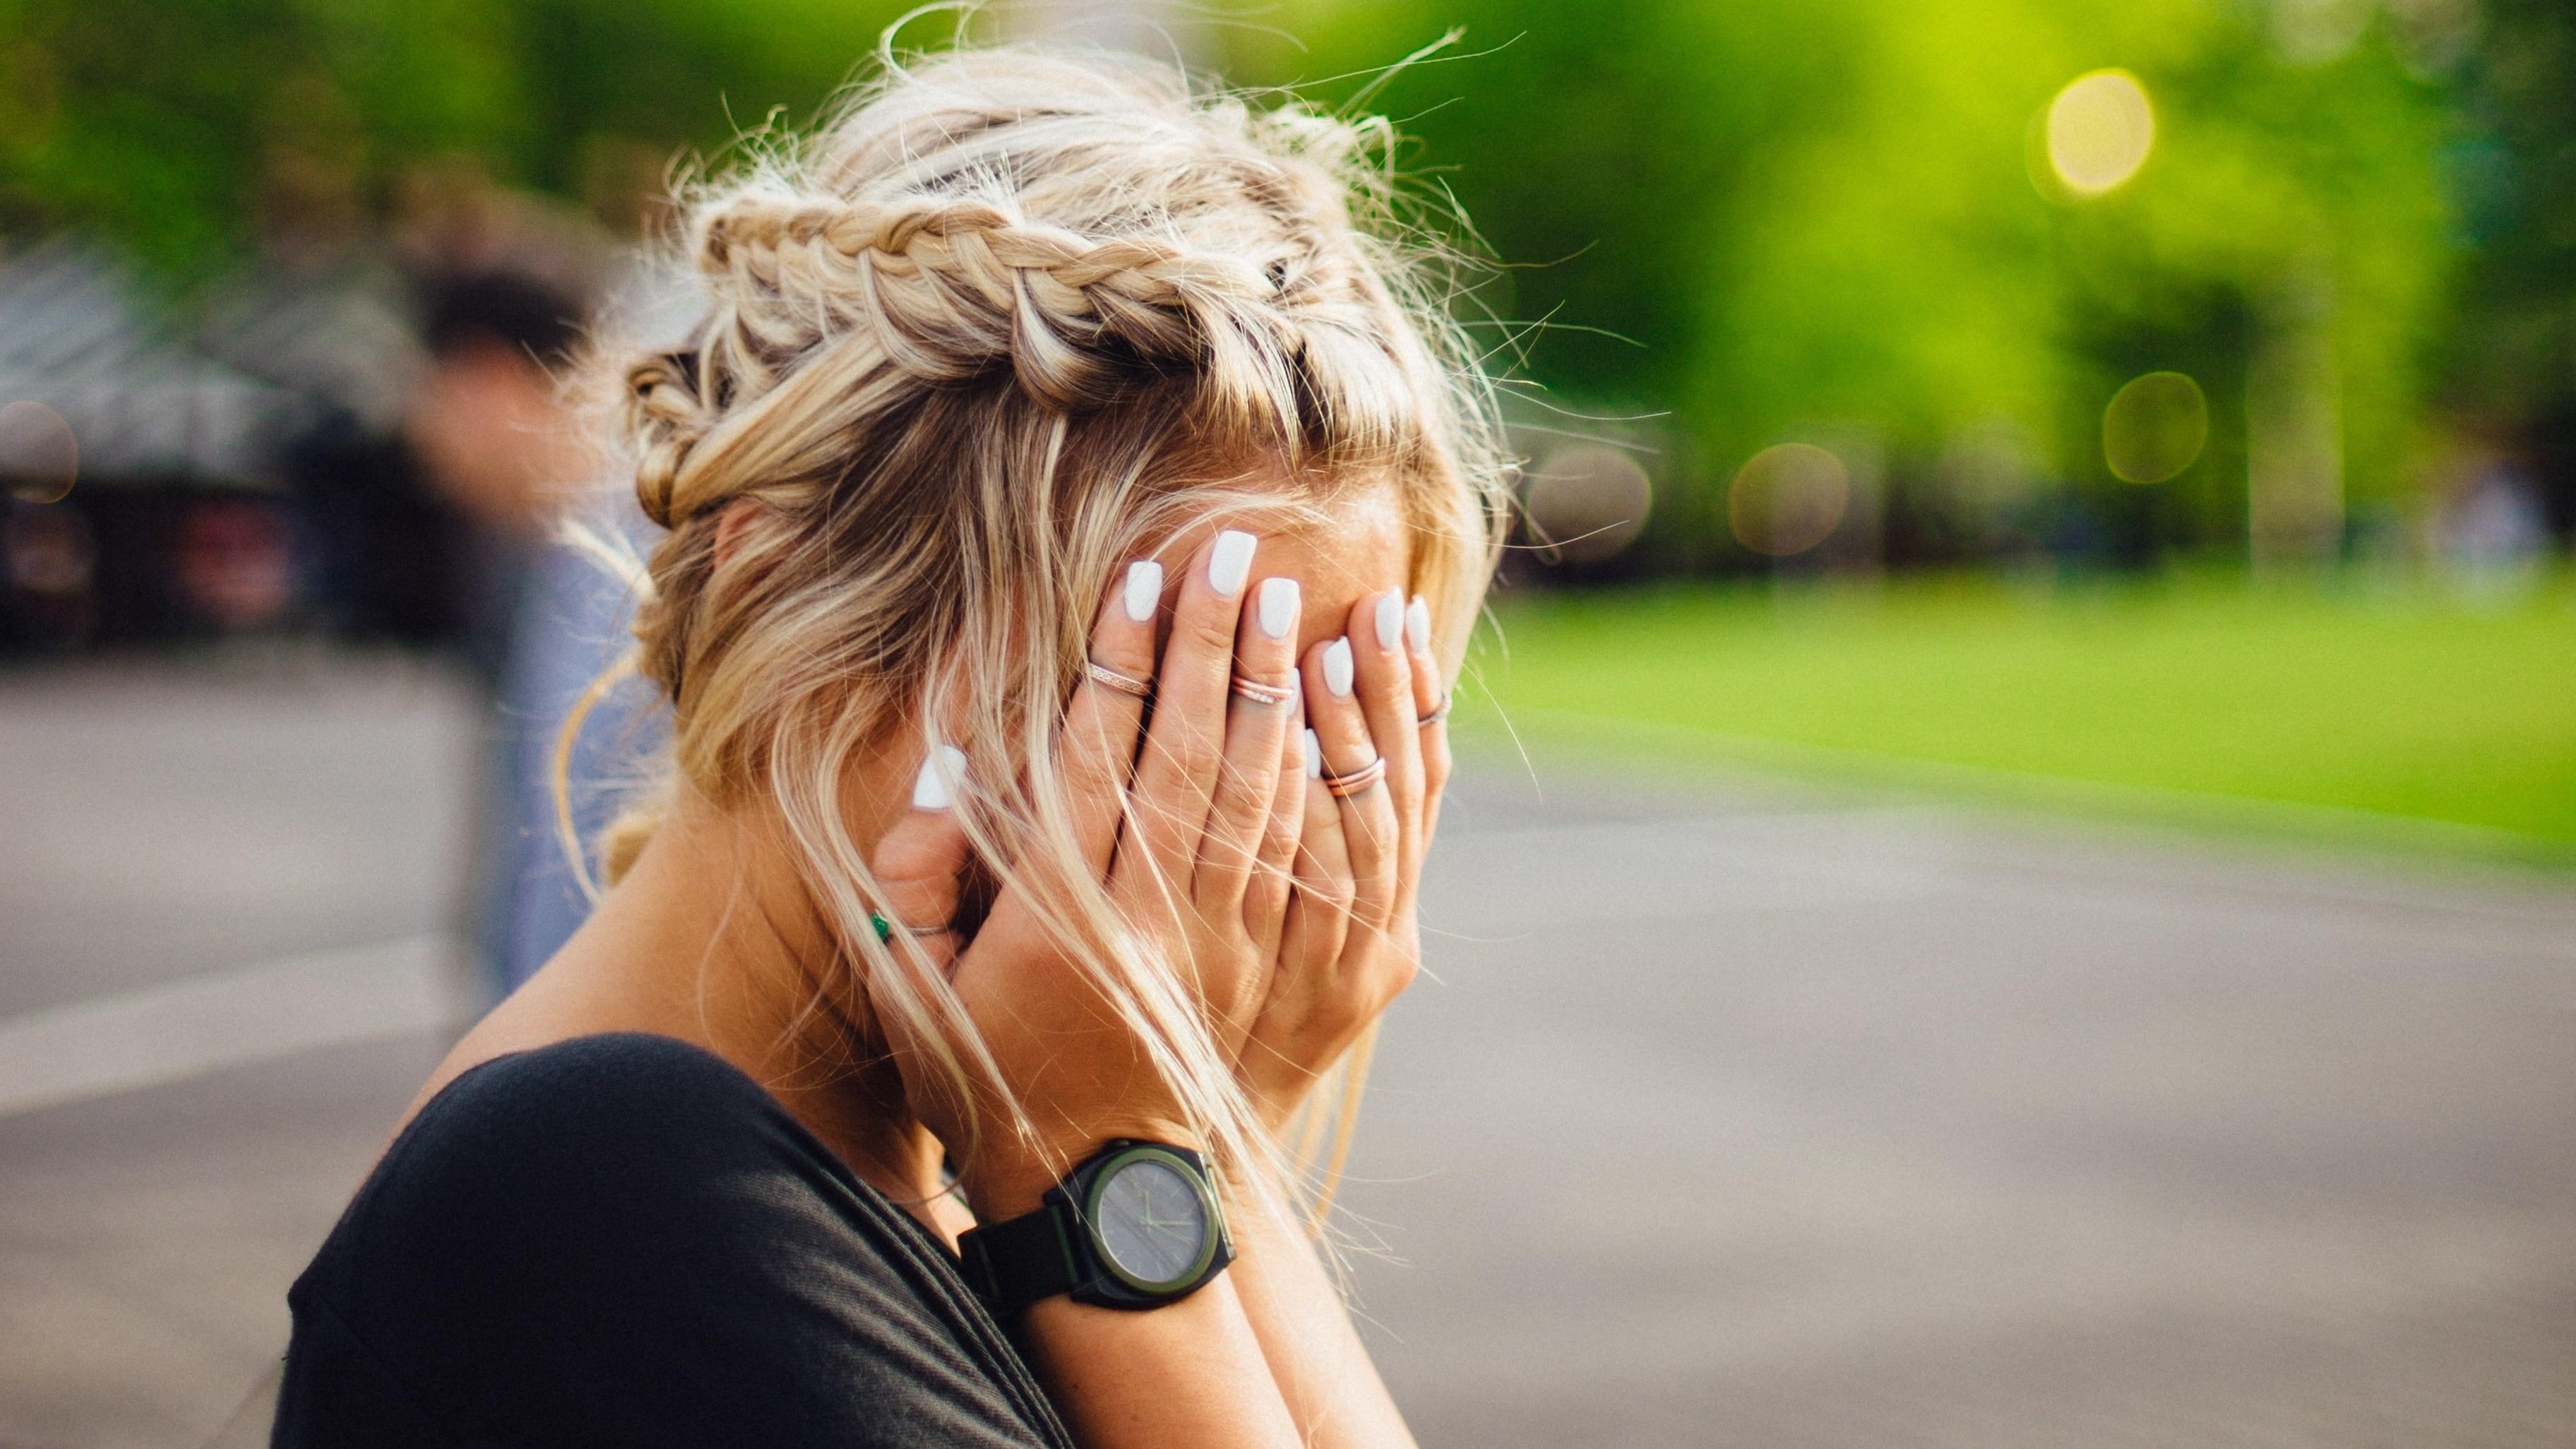 Болезни от зависти: почему нас может подкосить чужой успех